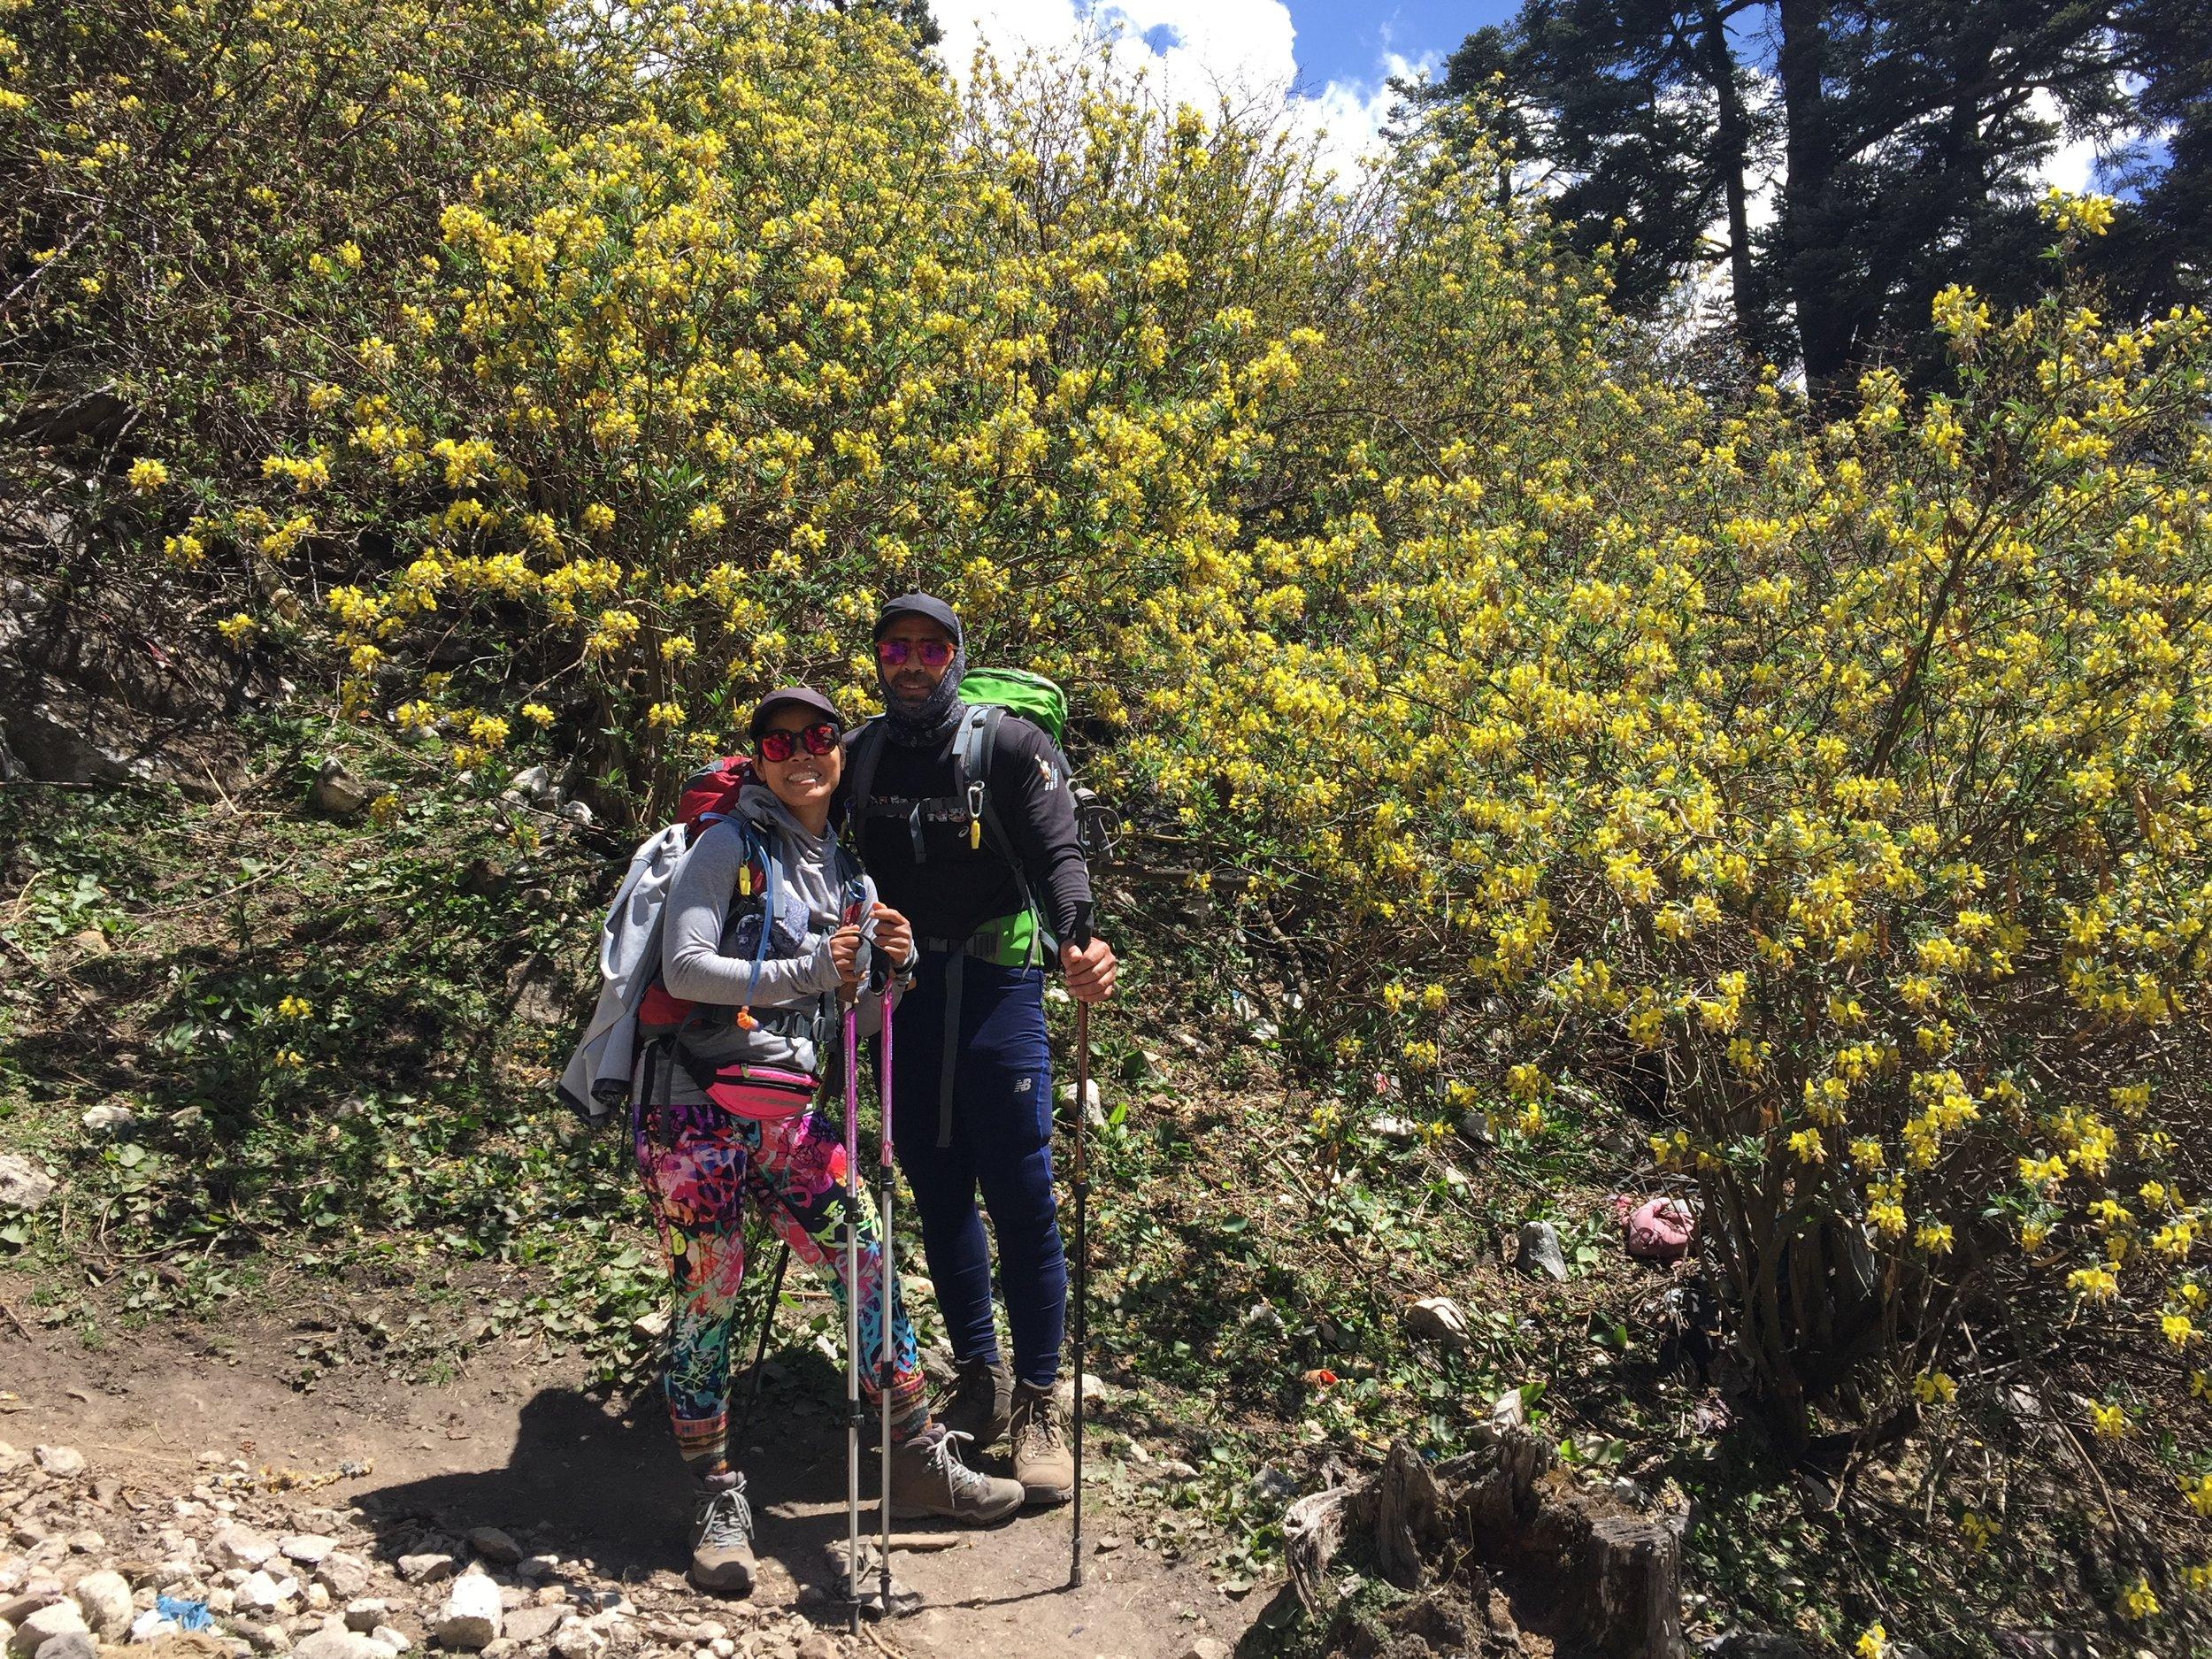 Những bông hoa rực rỡ ở khu bảo tồn Manaslu